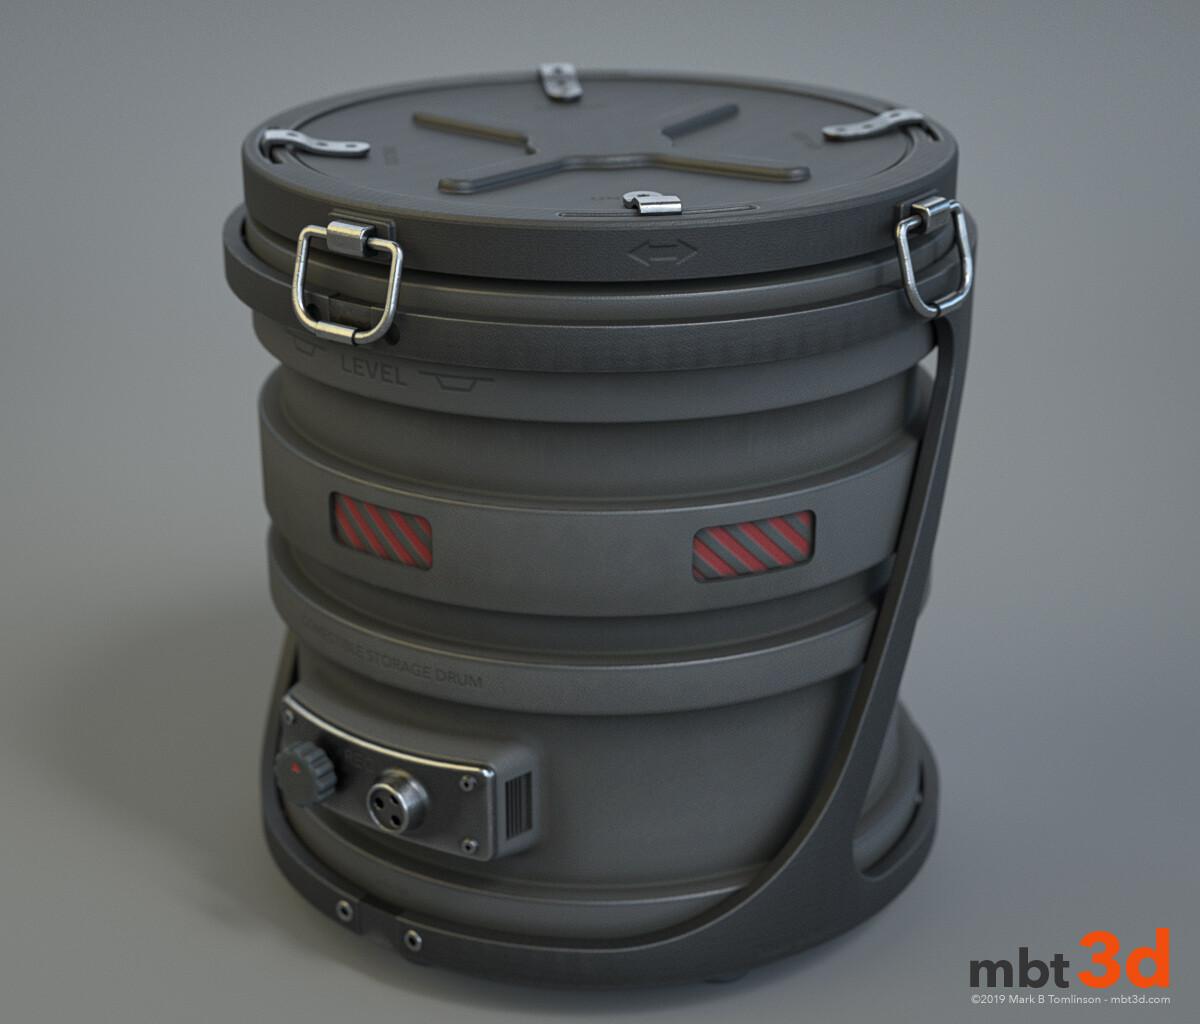 Mark b tomlinson drum 03